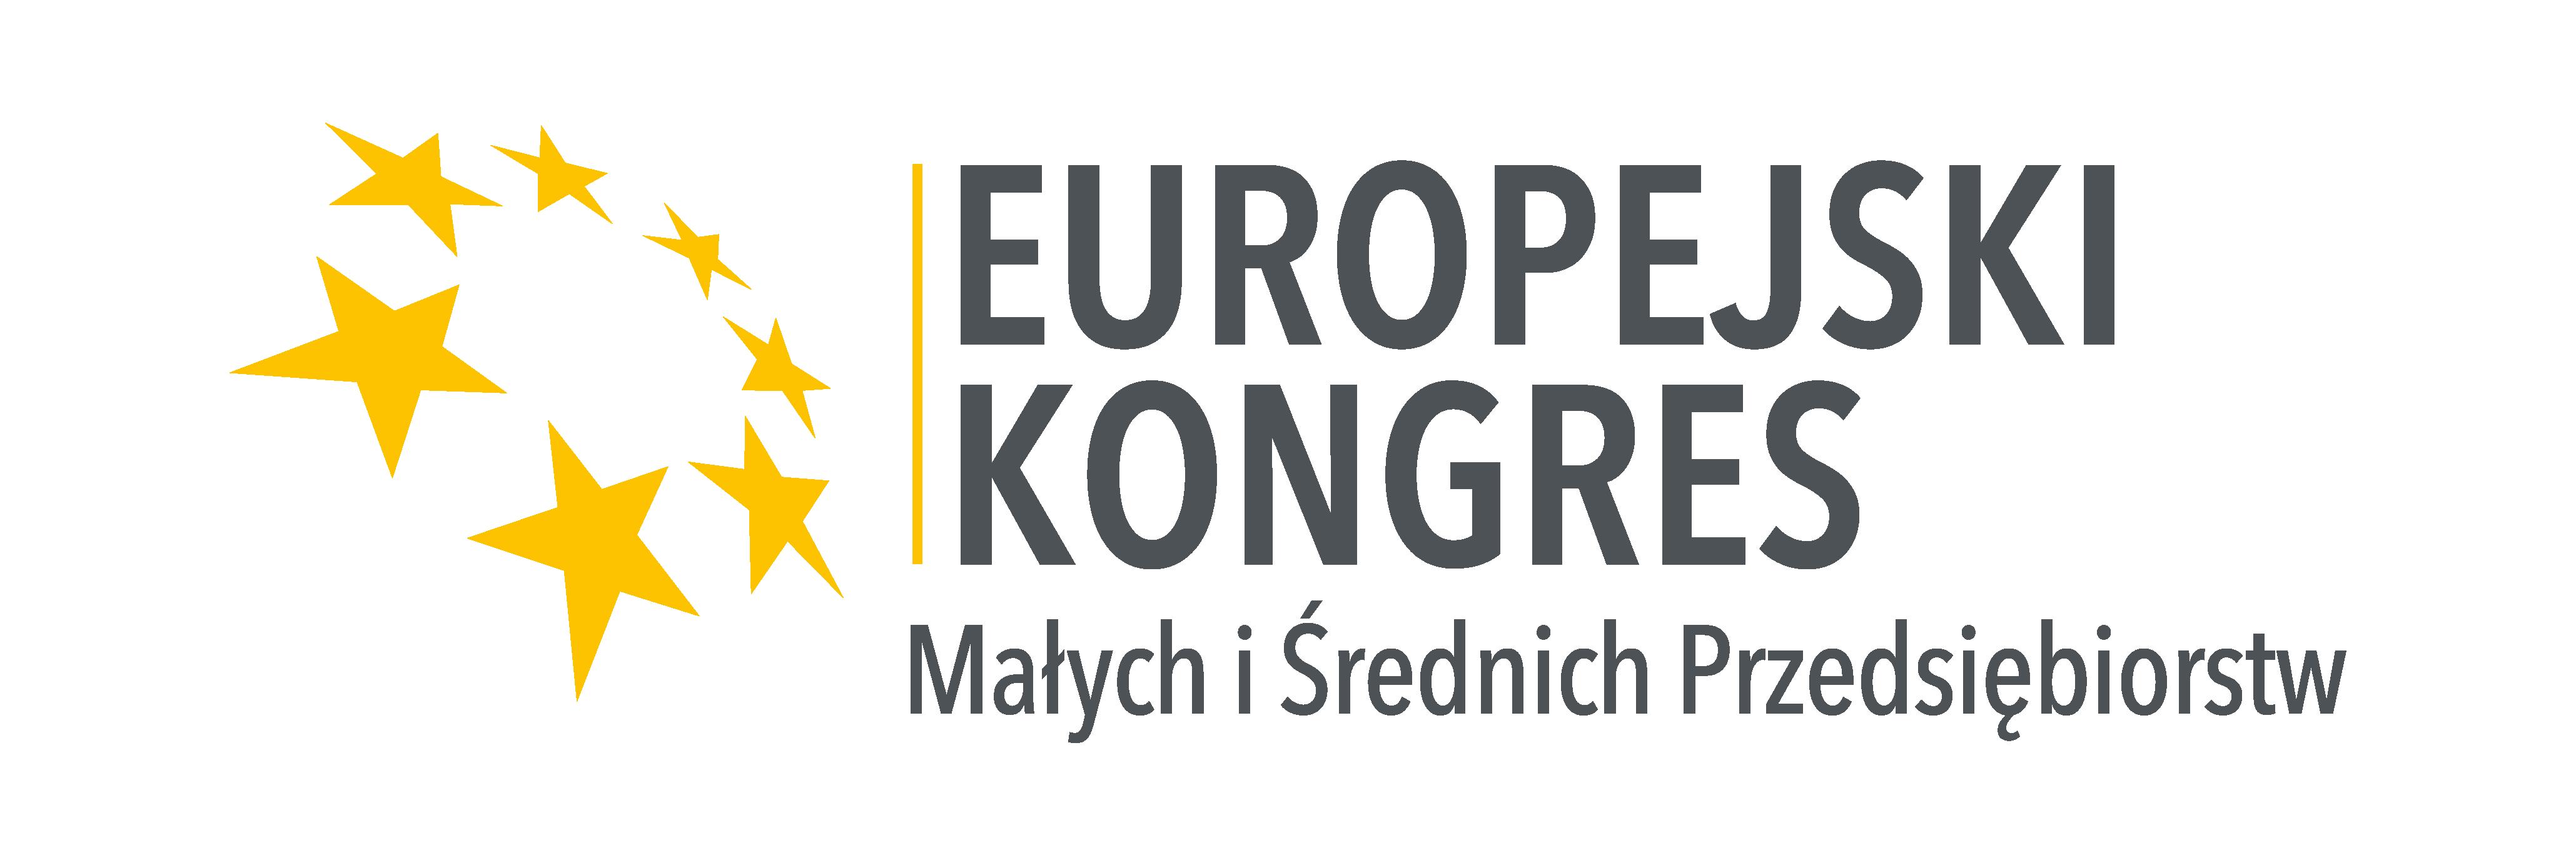 VII Europejski Kongres Małych i Średnich Przedsiębiorstw w Katowicach